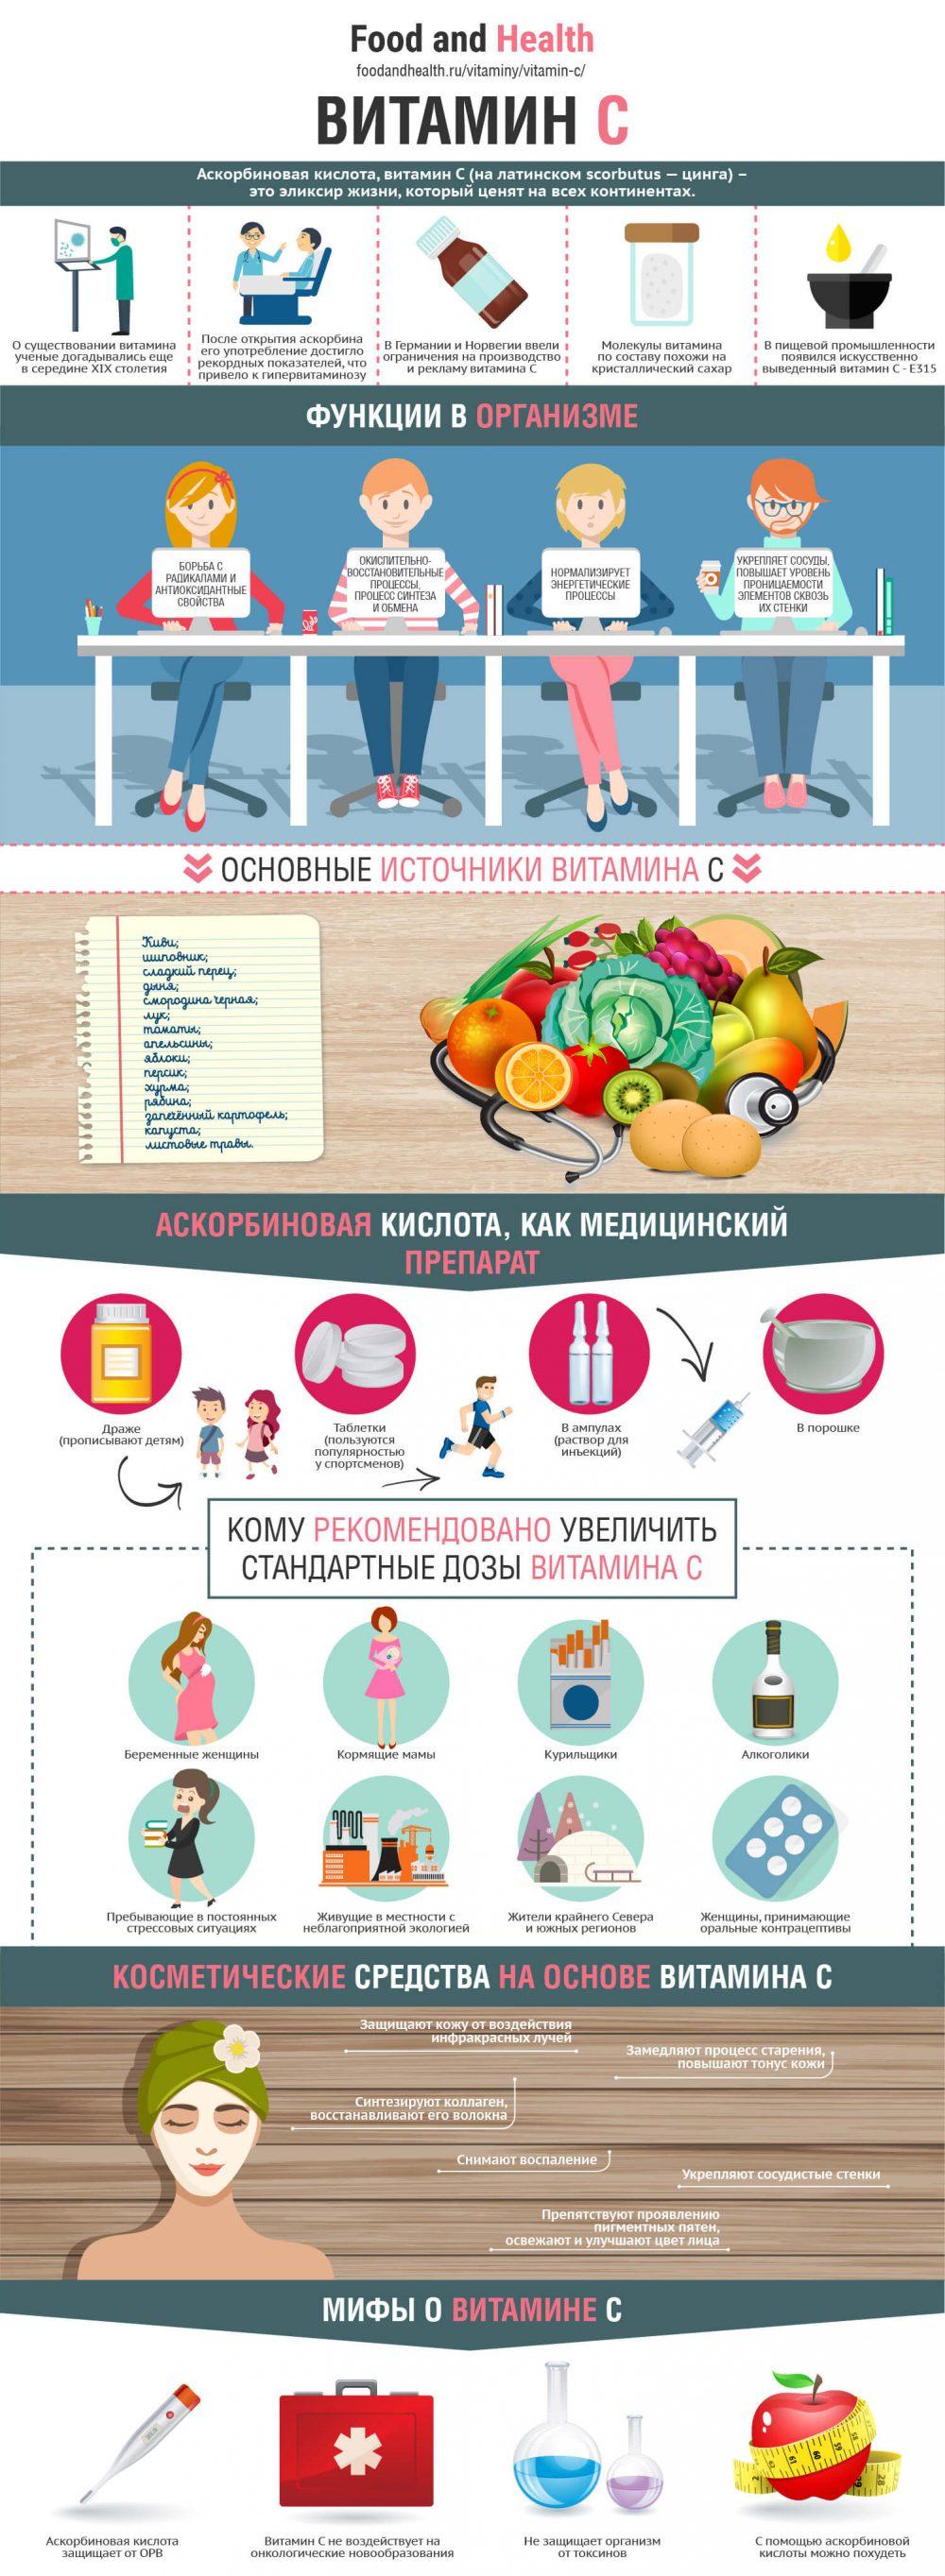 Витамин C - инфографика